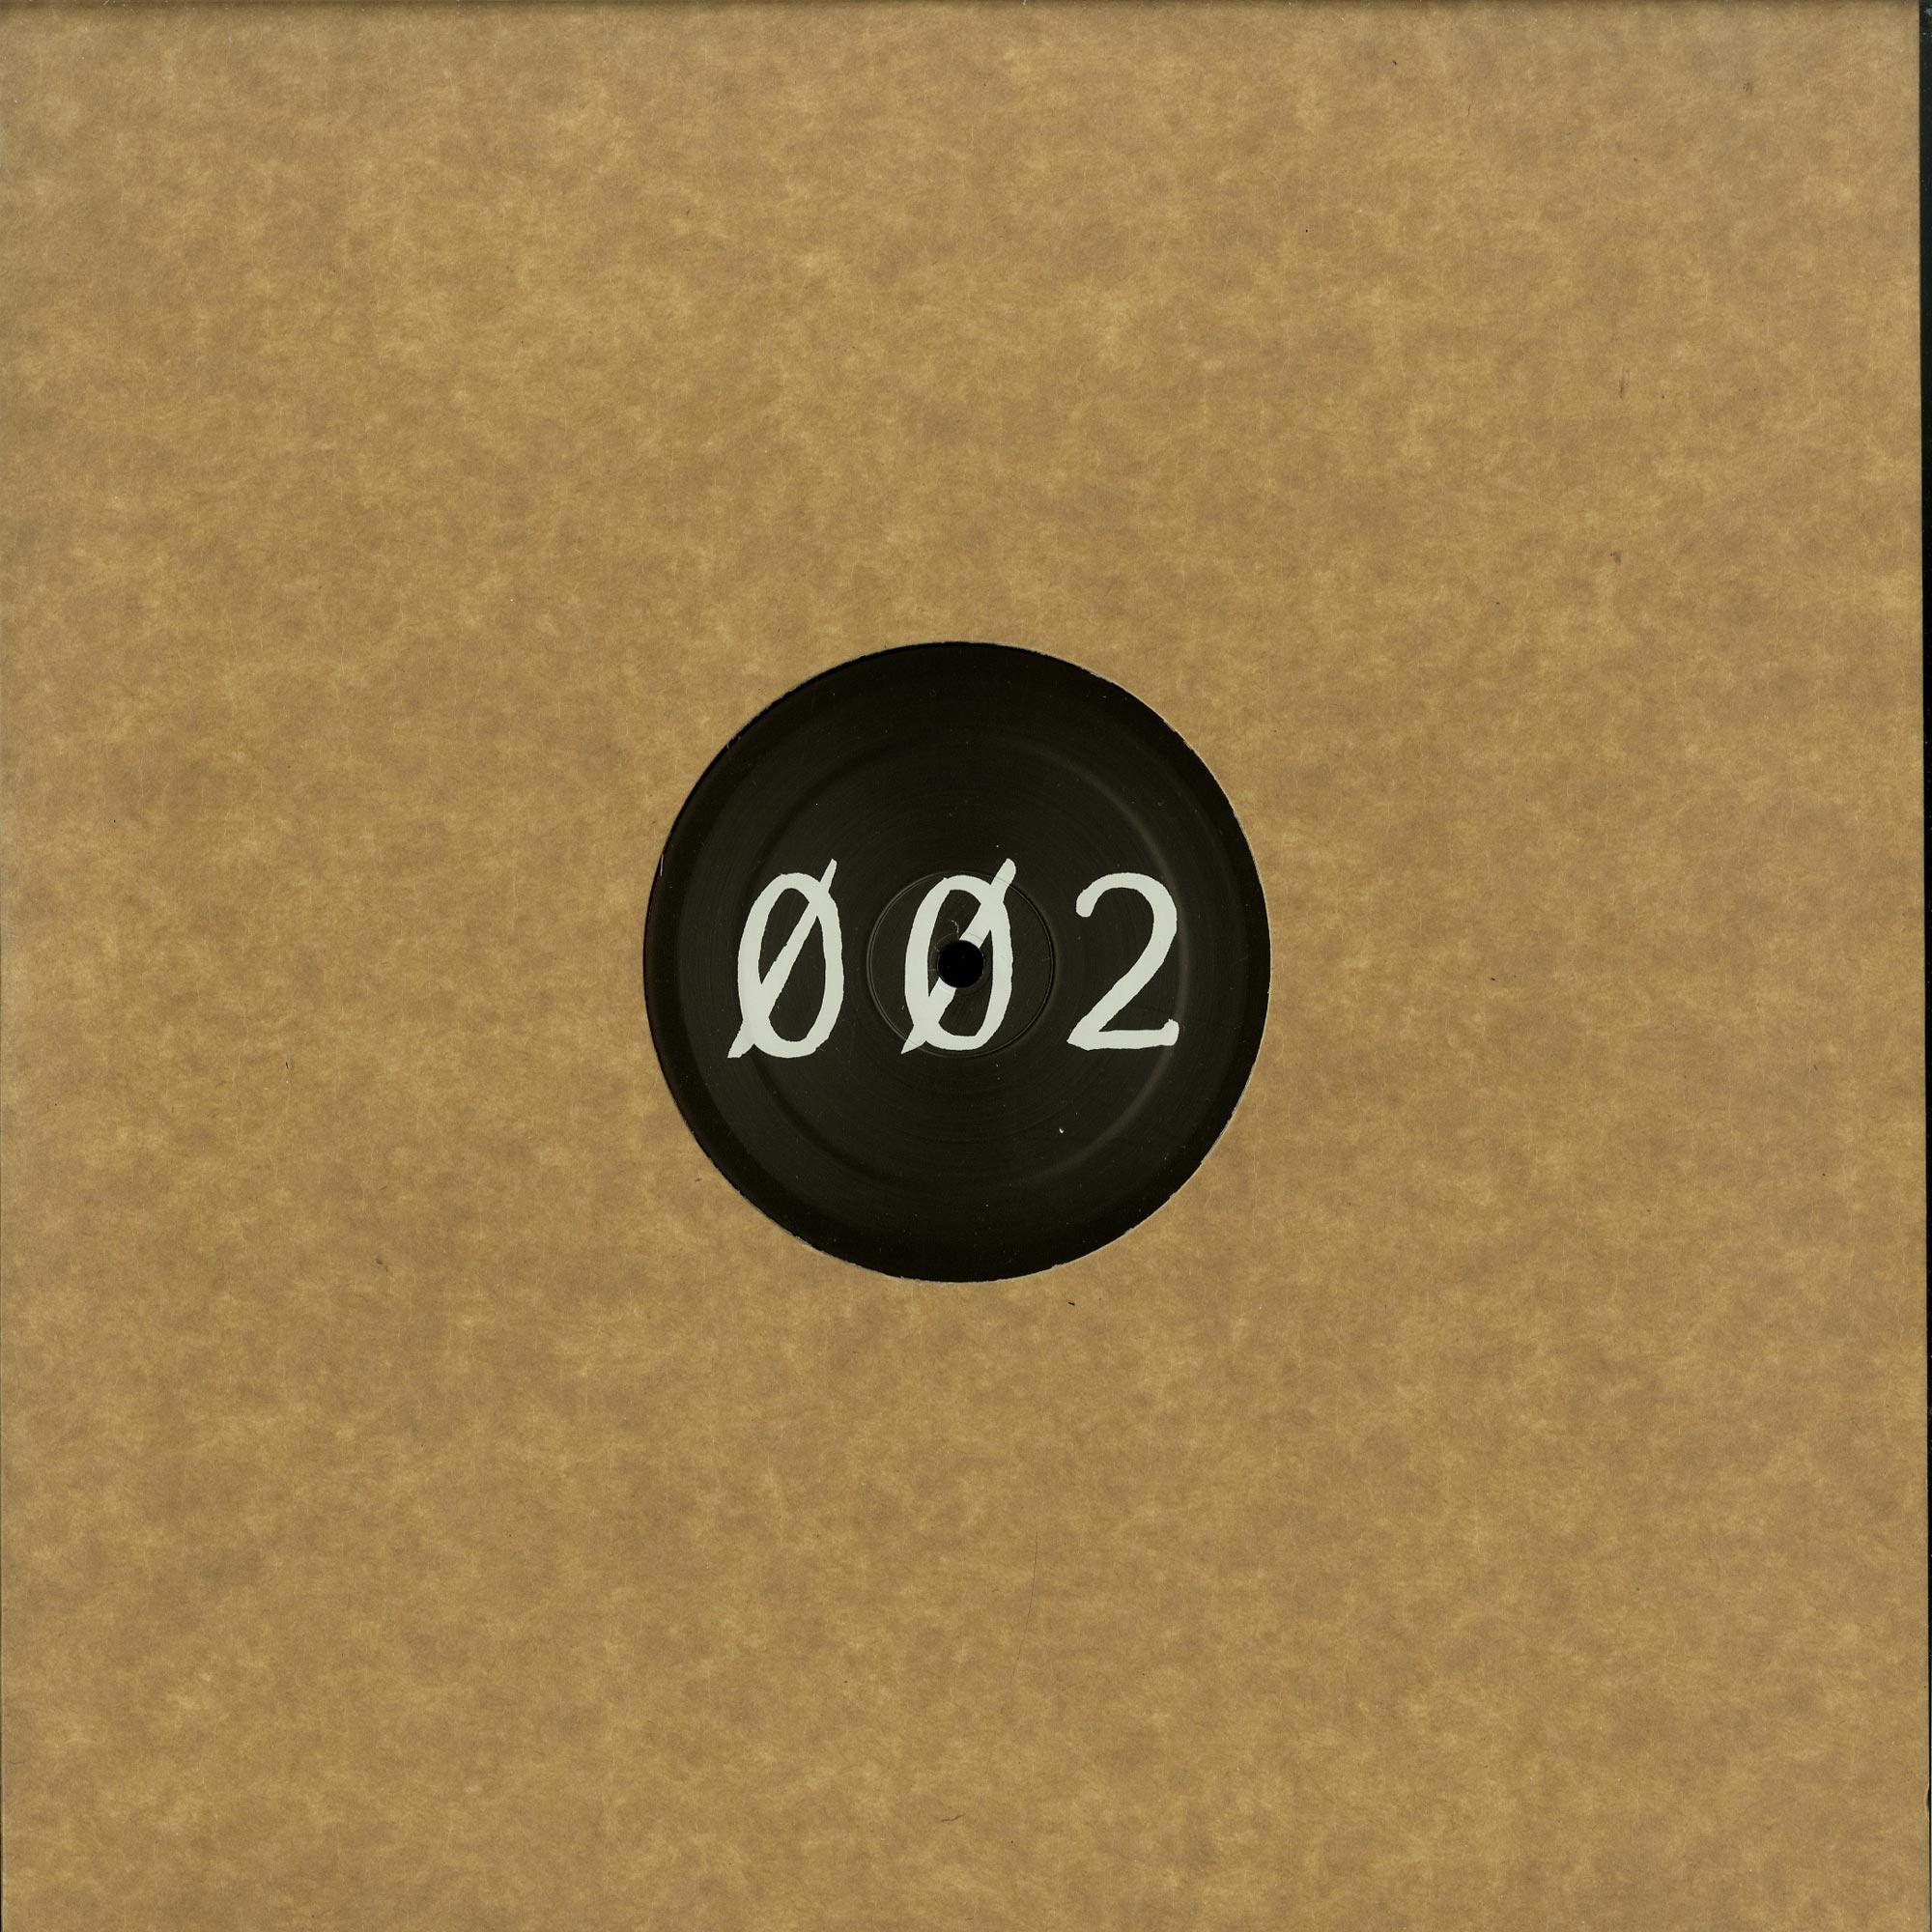 SE62 - JAZZED EP